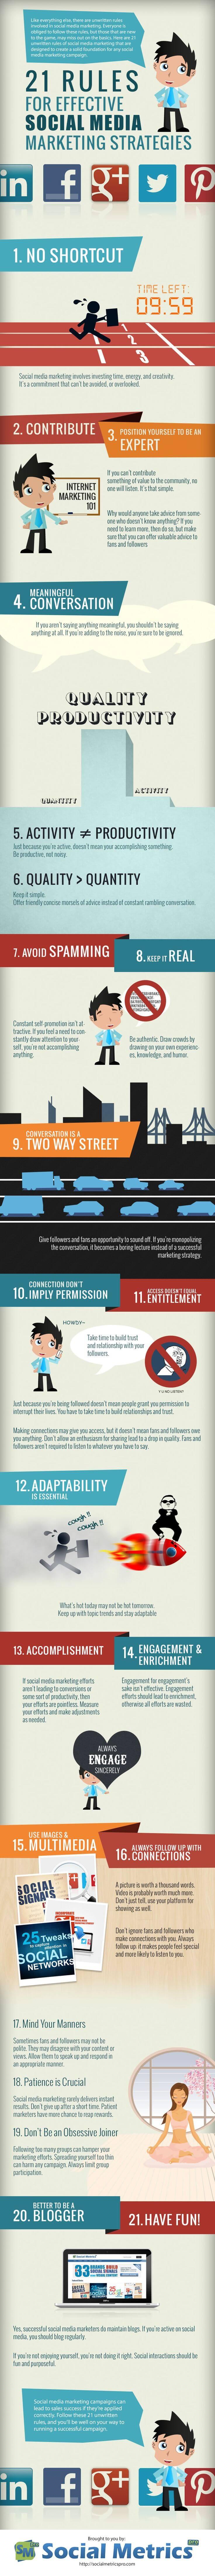 Conseils pour votre stratégie social medi en infographie